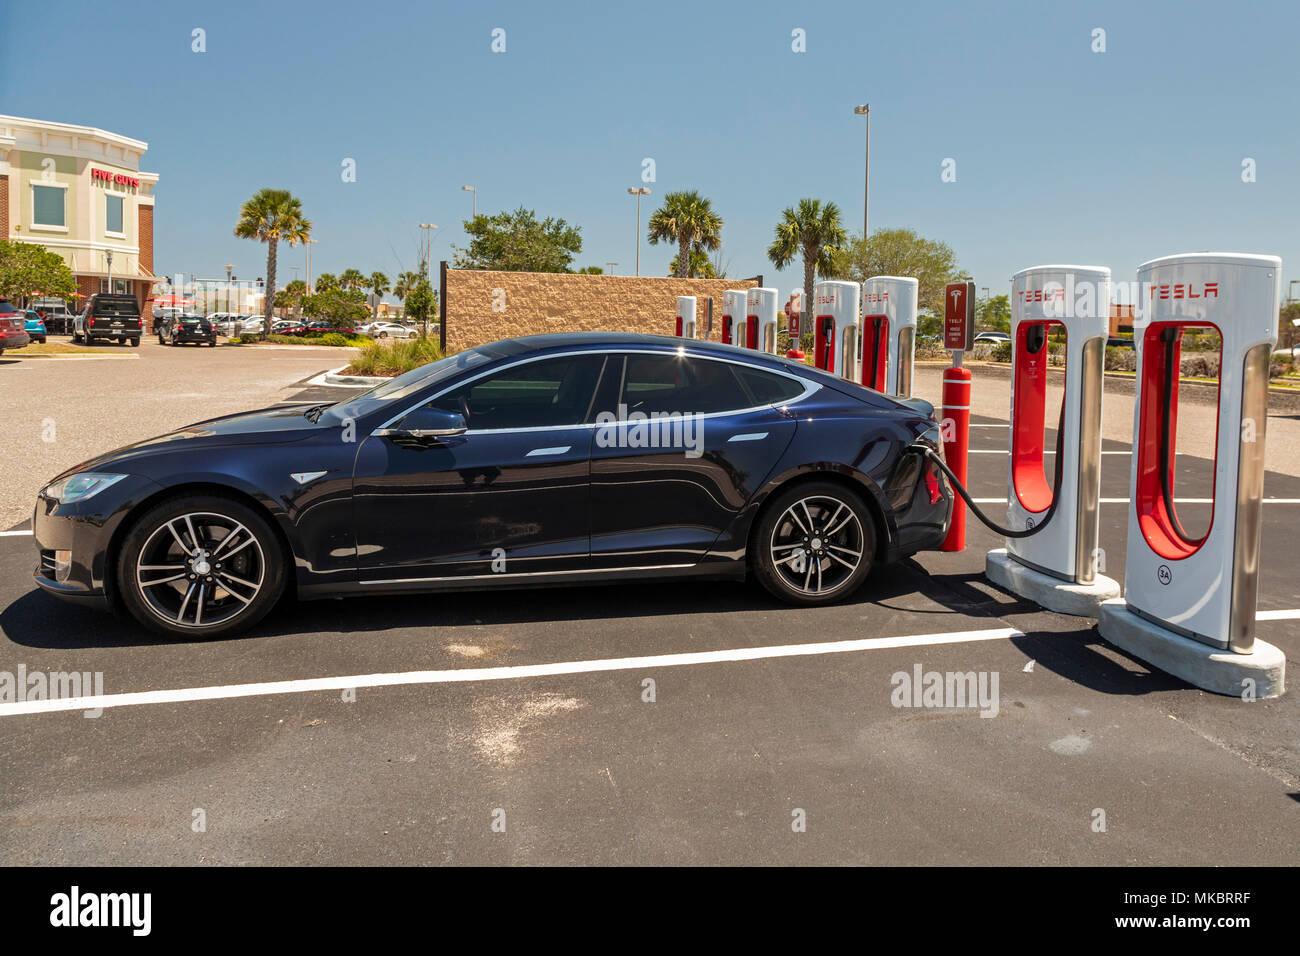 West Melbourne Florida - un modello di Tesla S carica a un auto elettrica Supercharger stazione. Immagini Stock